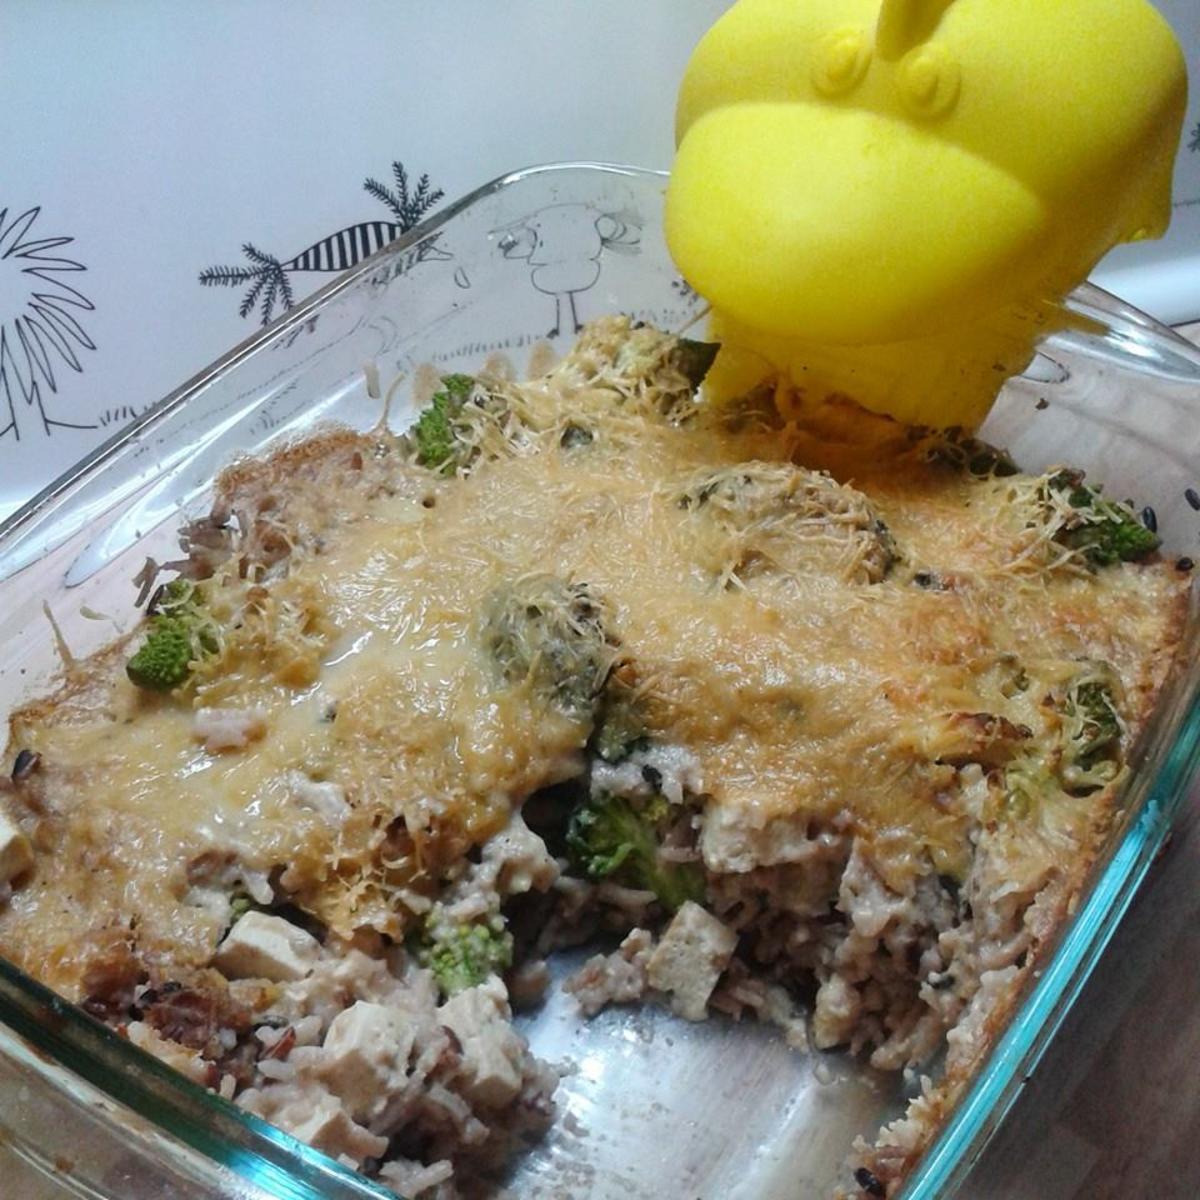 Reisauflauf vegan - Rezept von schneckenkind08